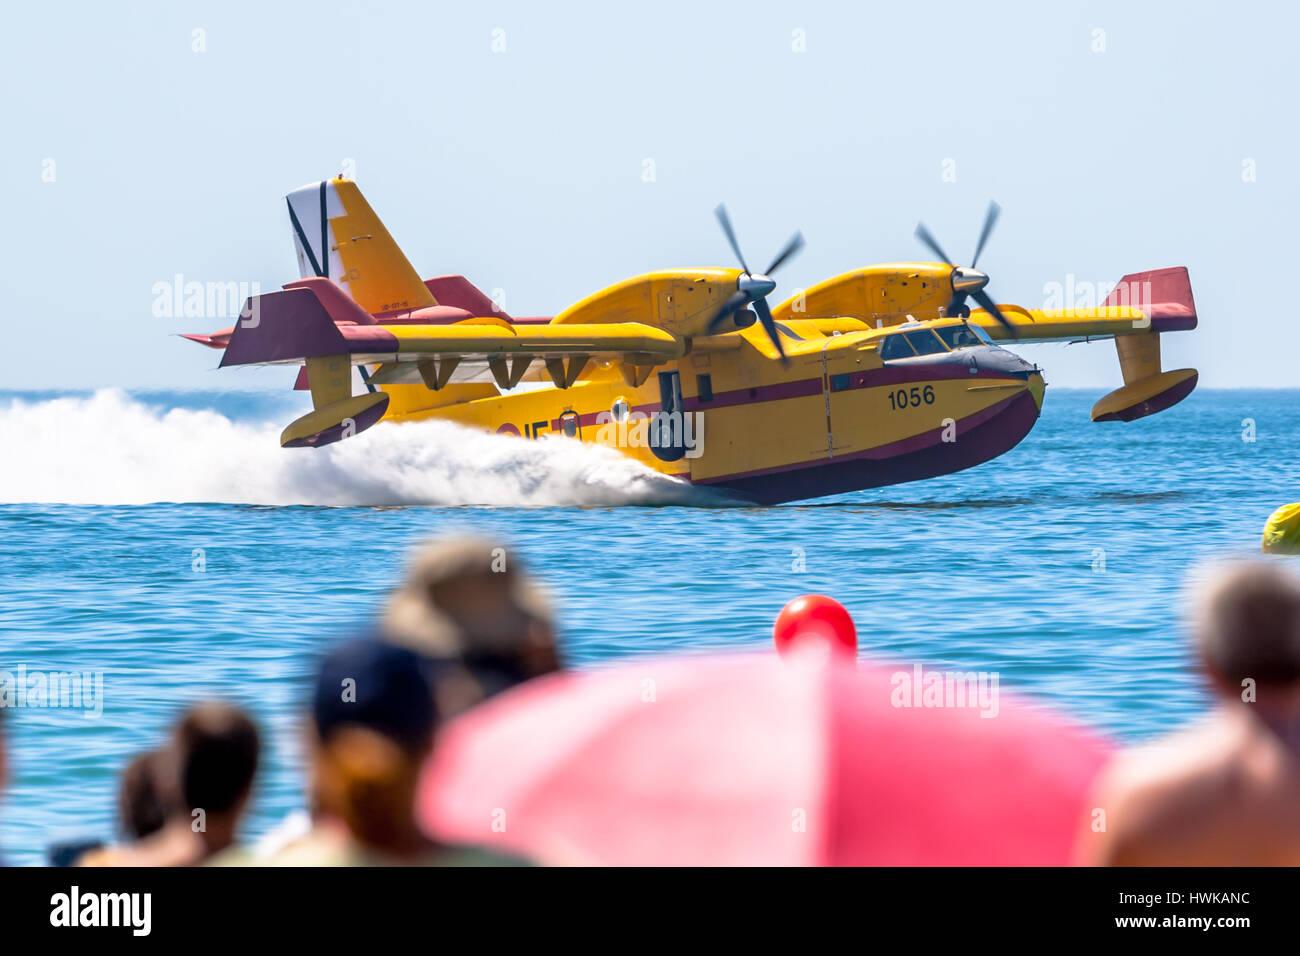 I Airshow Of Cadiz Stock Photos & I Airshow Of Cadiz Stock Images